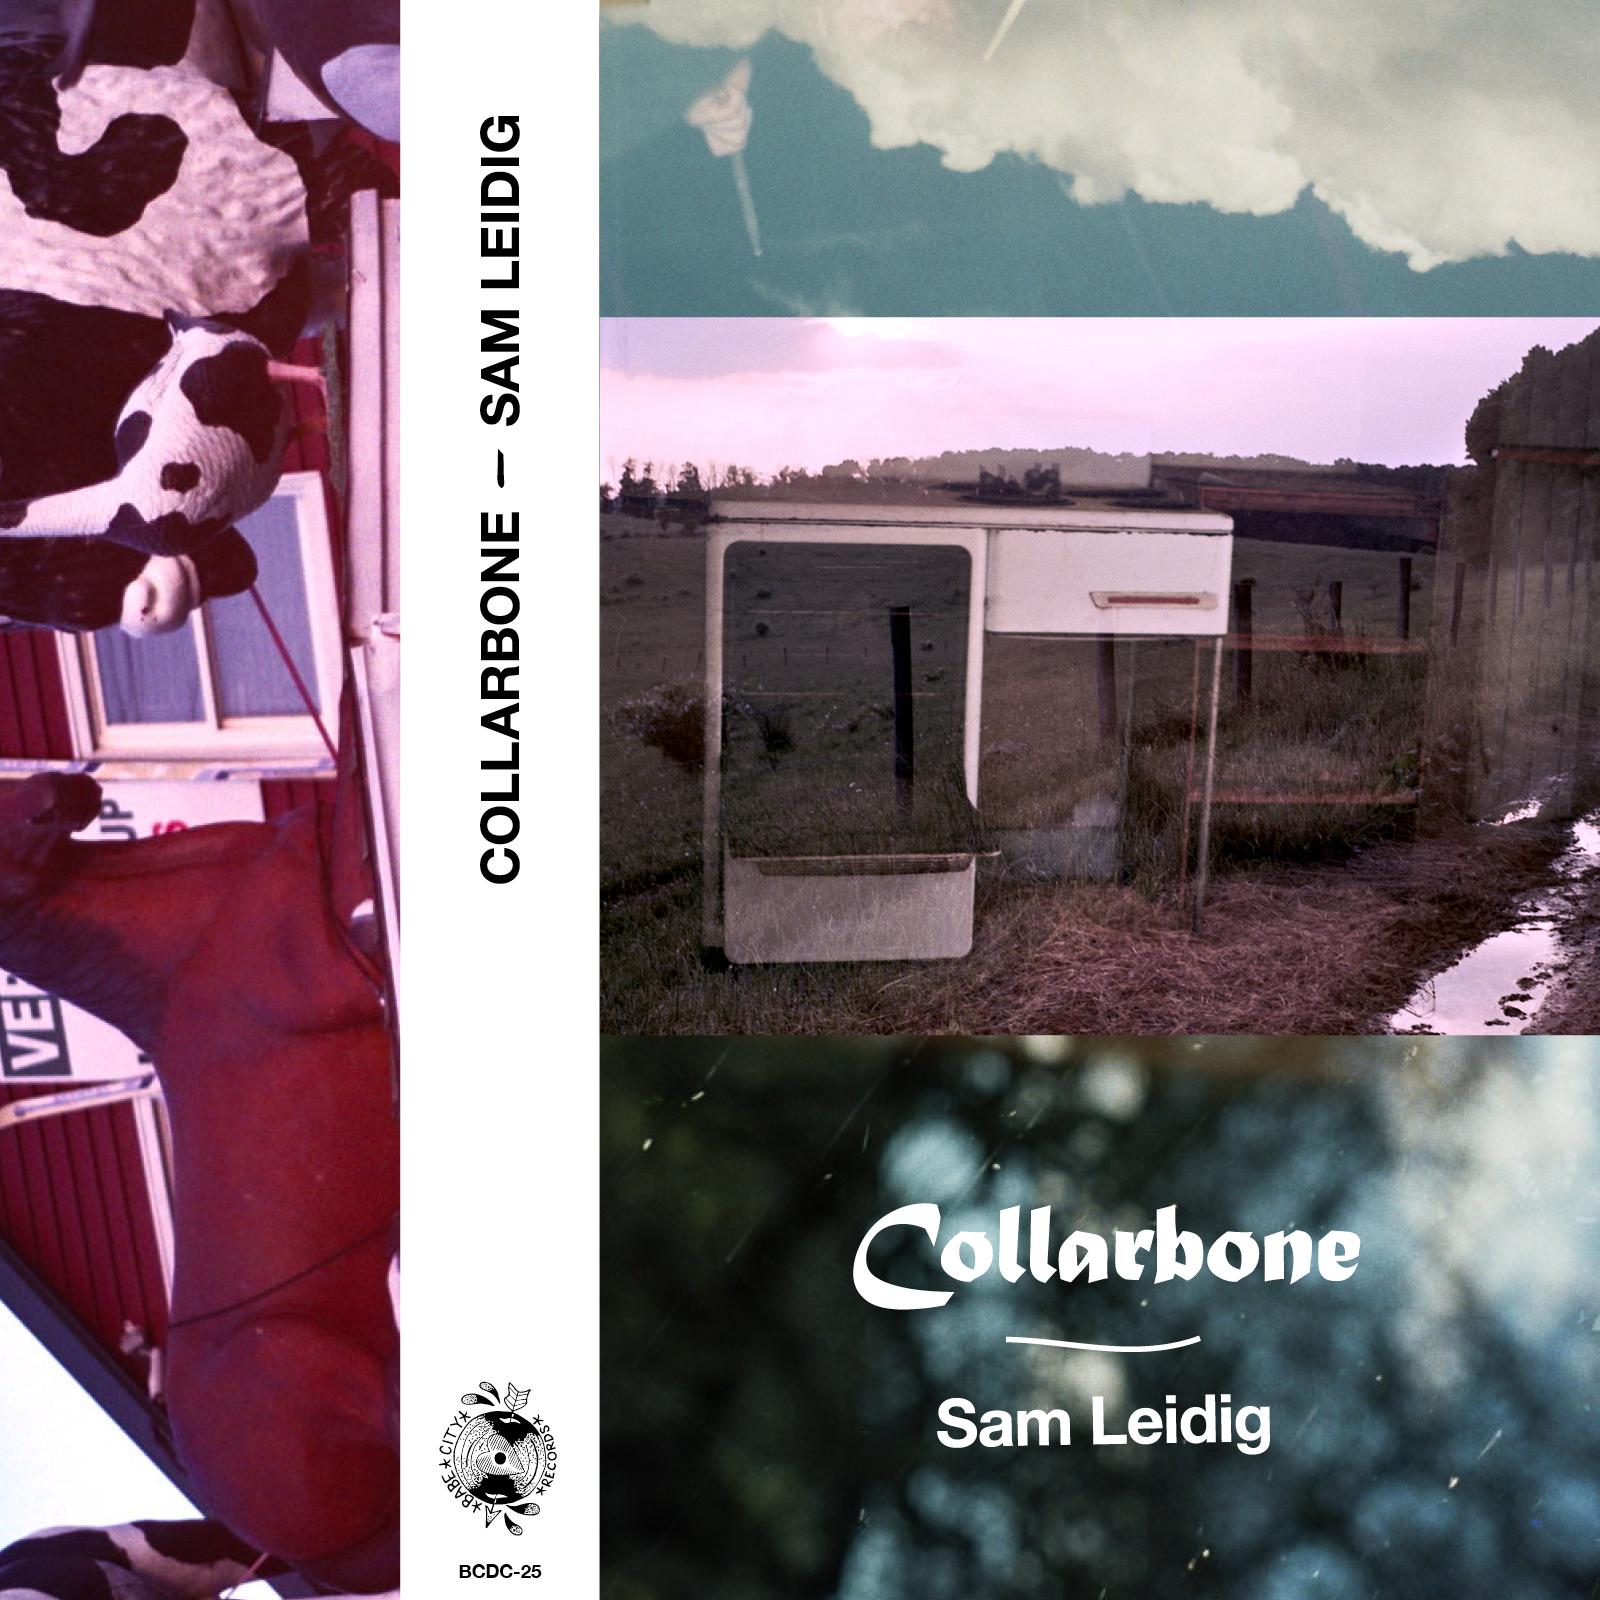 Sam Leidig - Collarbone